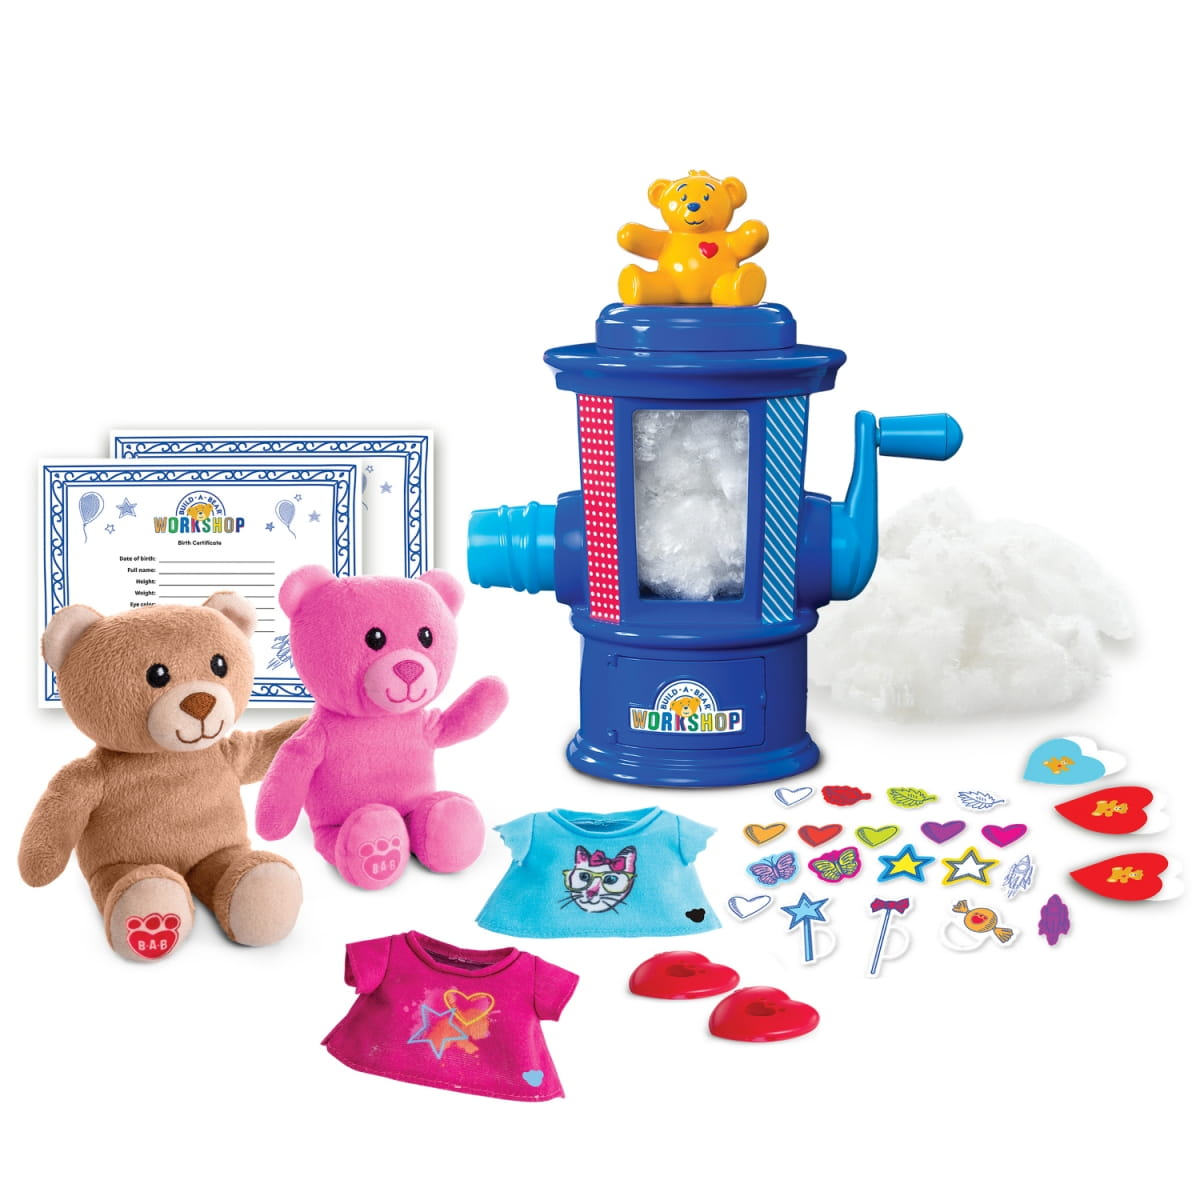 Набор Build-a-Bear Студия мягкой игрушки (Spin Master) - Все для юной хозяйки